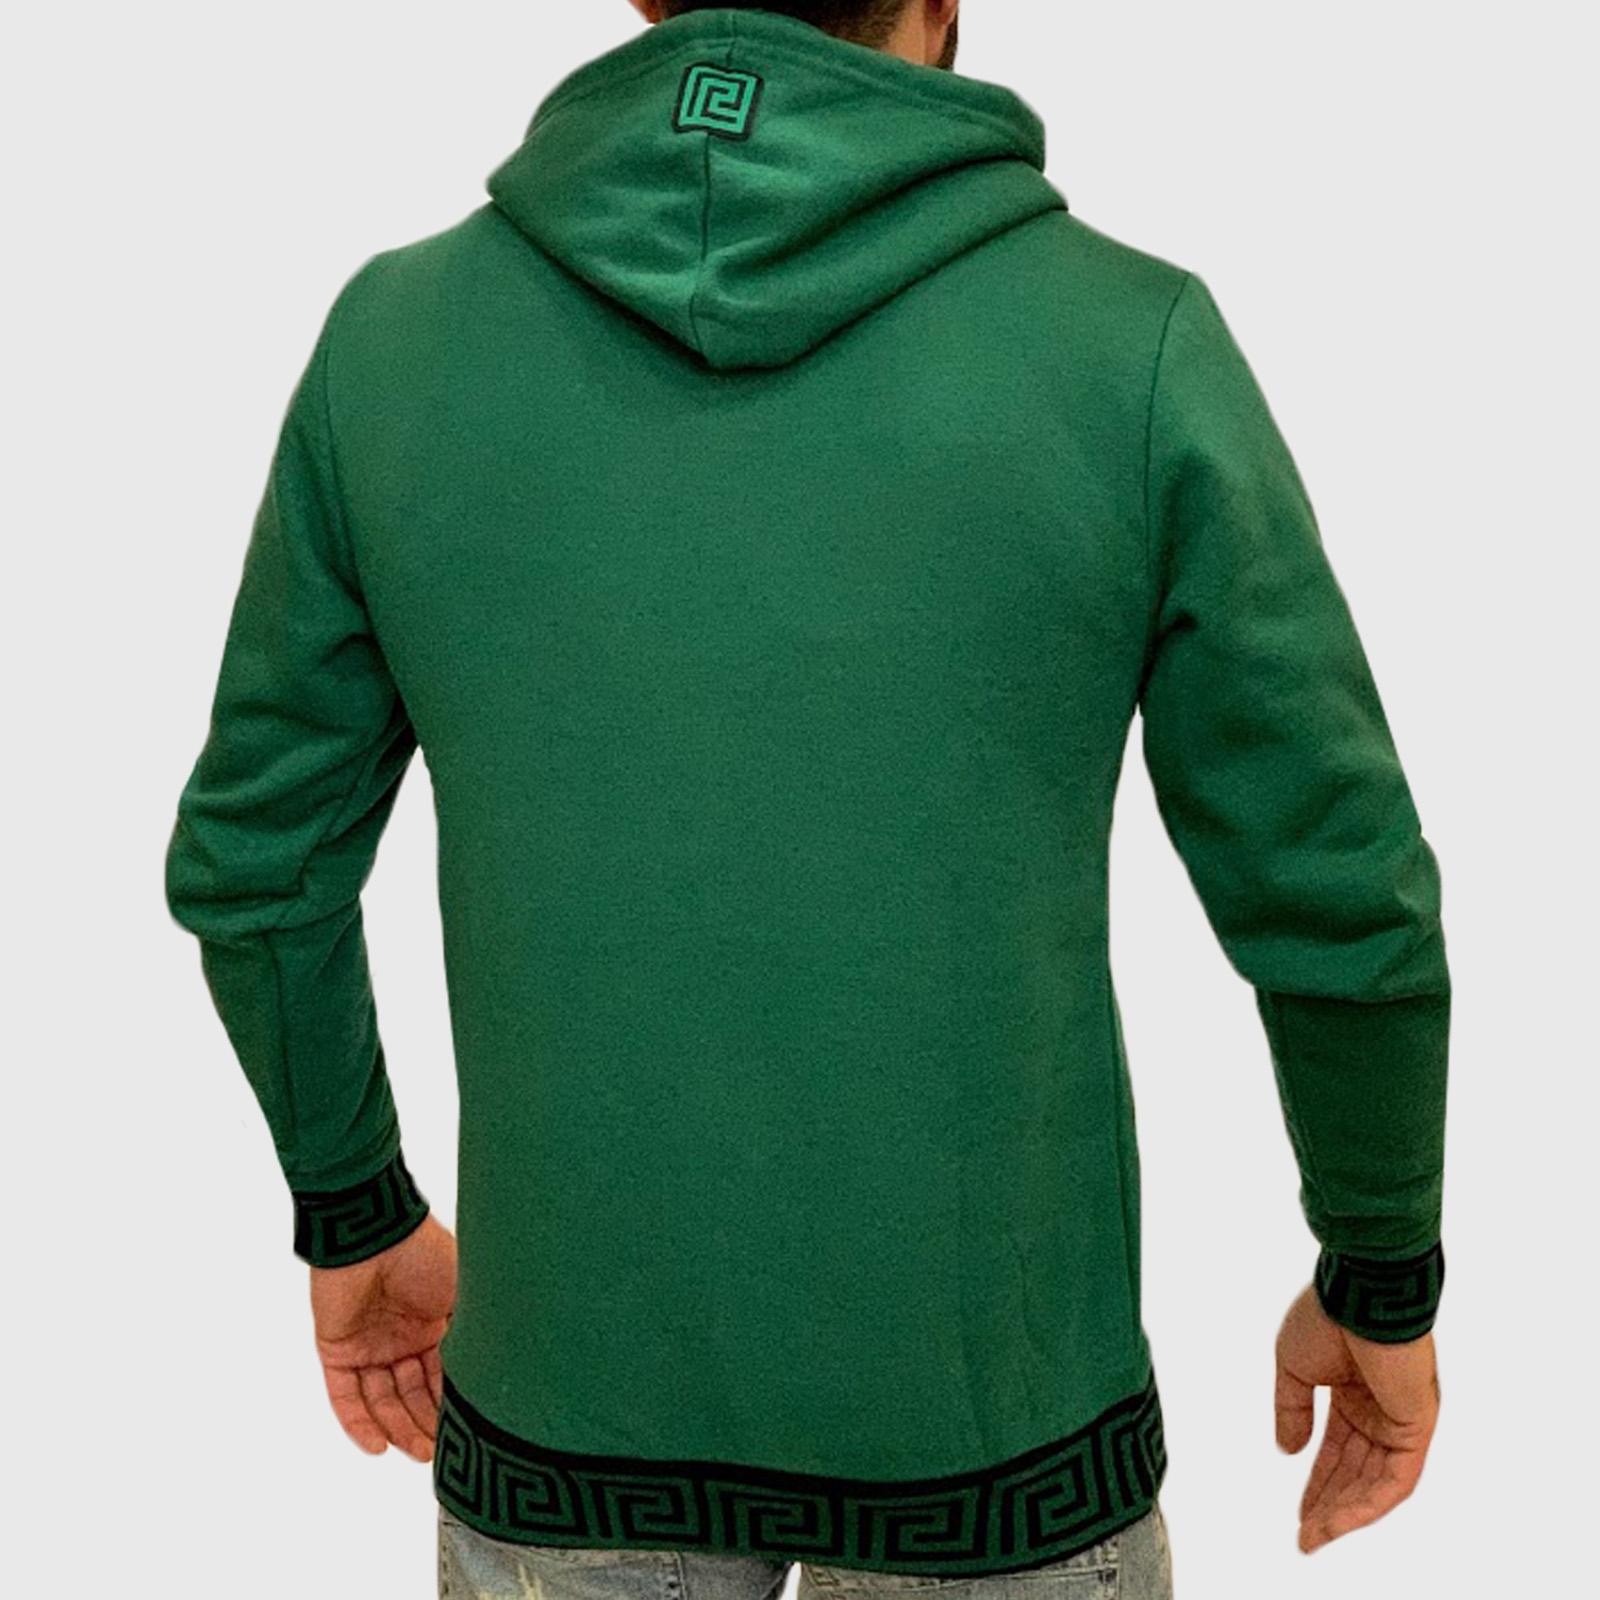 Купить модную мужскую кофту худи зеленого цвета